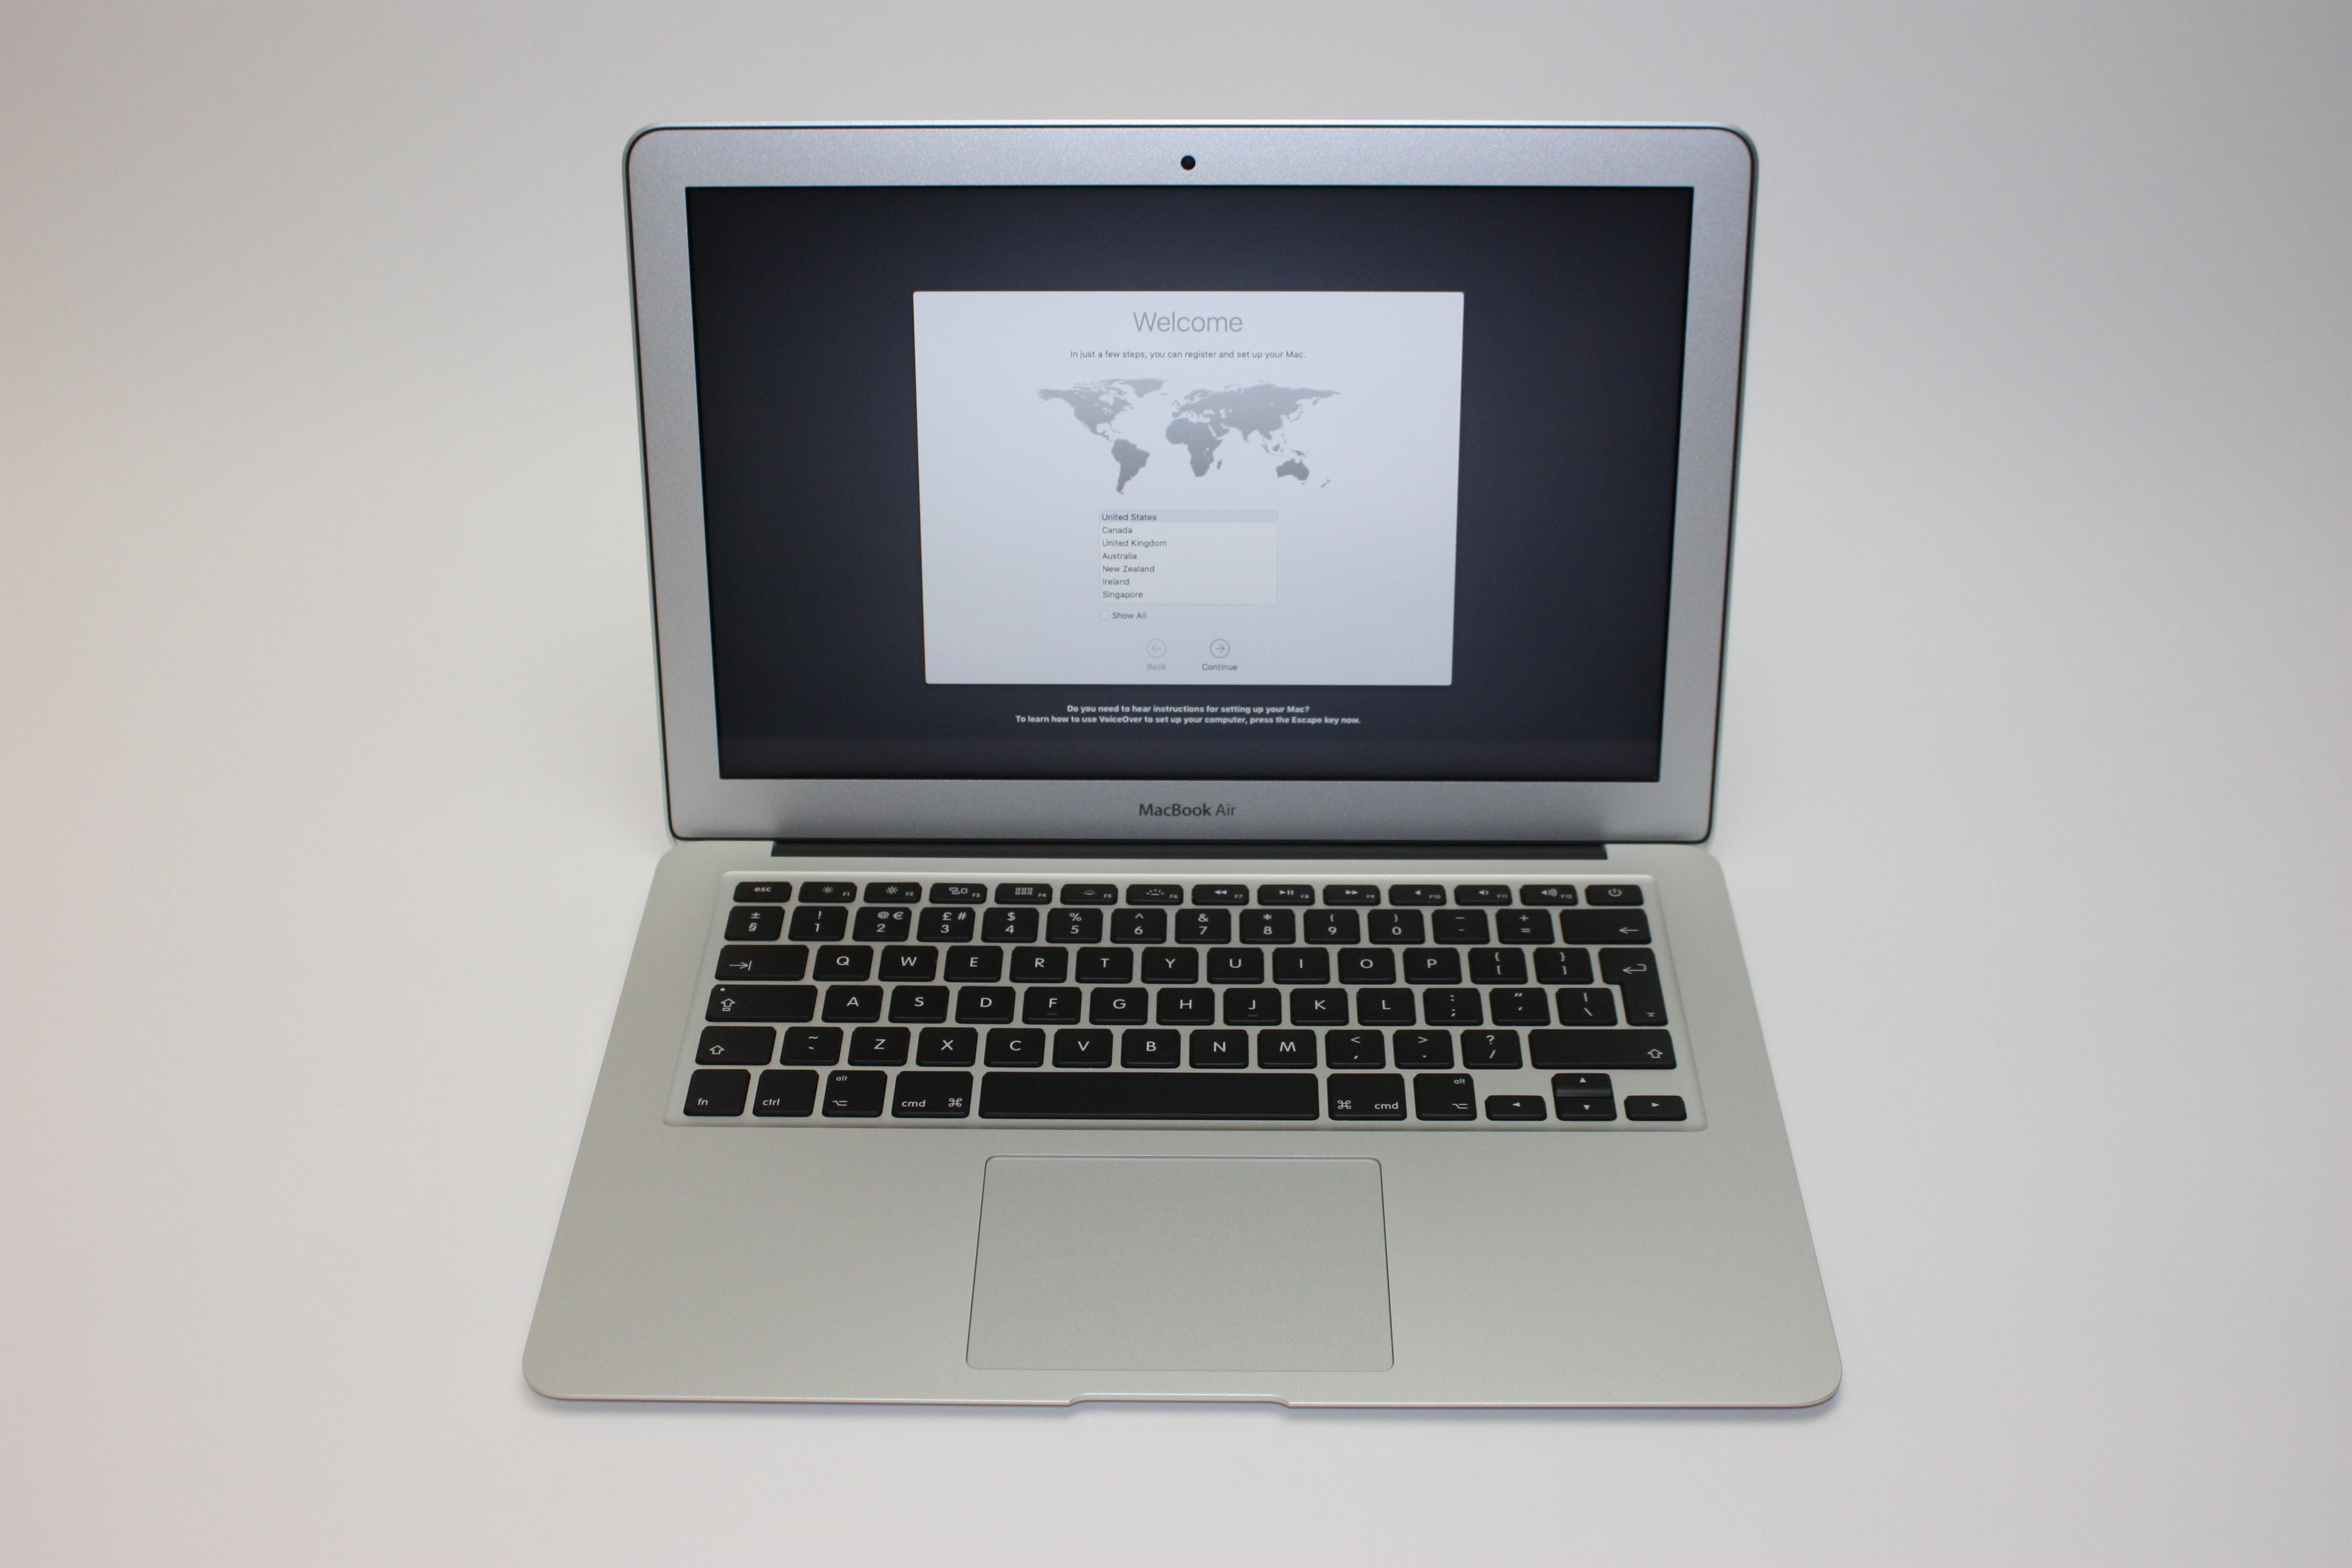 MacBook Air 13-inch, 1.8 GHz Core i5 (I5-5350U), 8 GB 1600 MHz DDR3, 128 GB Flash Storage, image 1